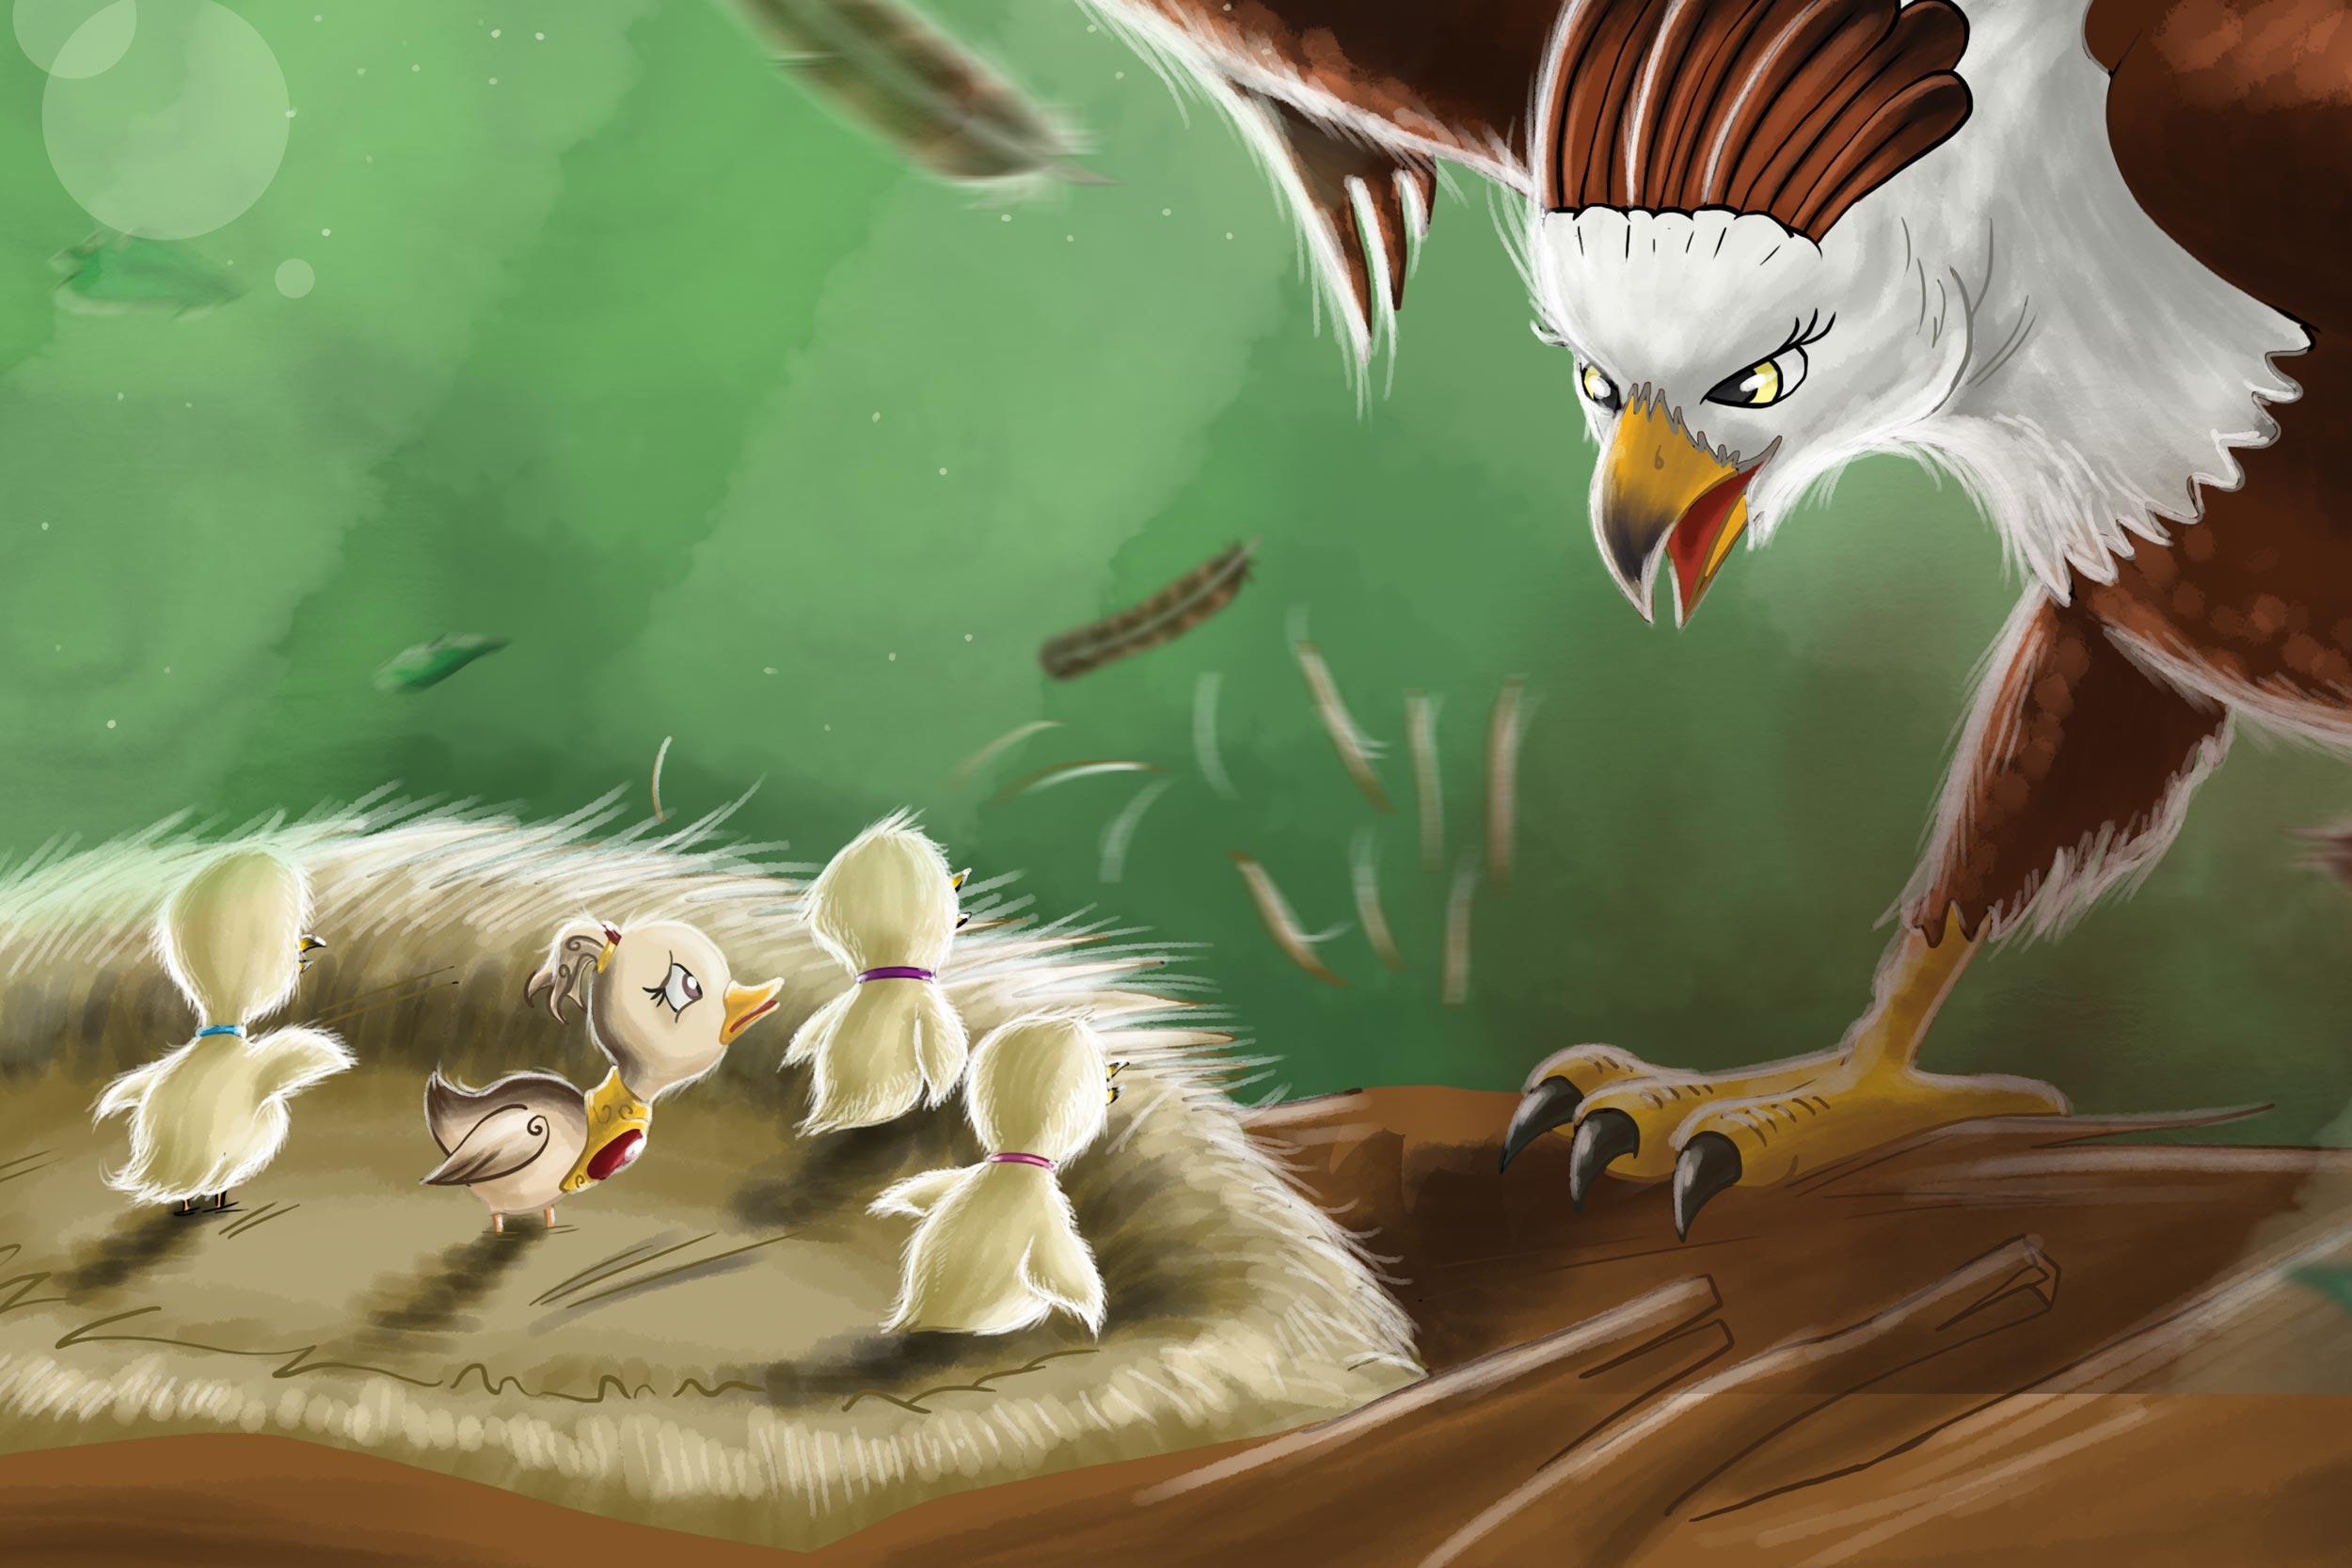 journey-of-puddle-christian-illustrated-children-books-illustration-2.jpg